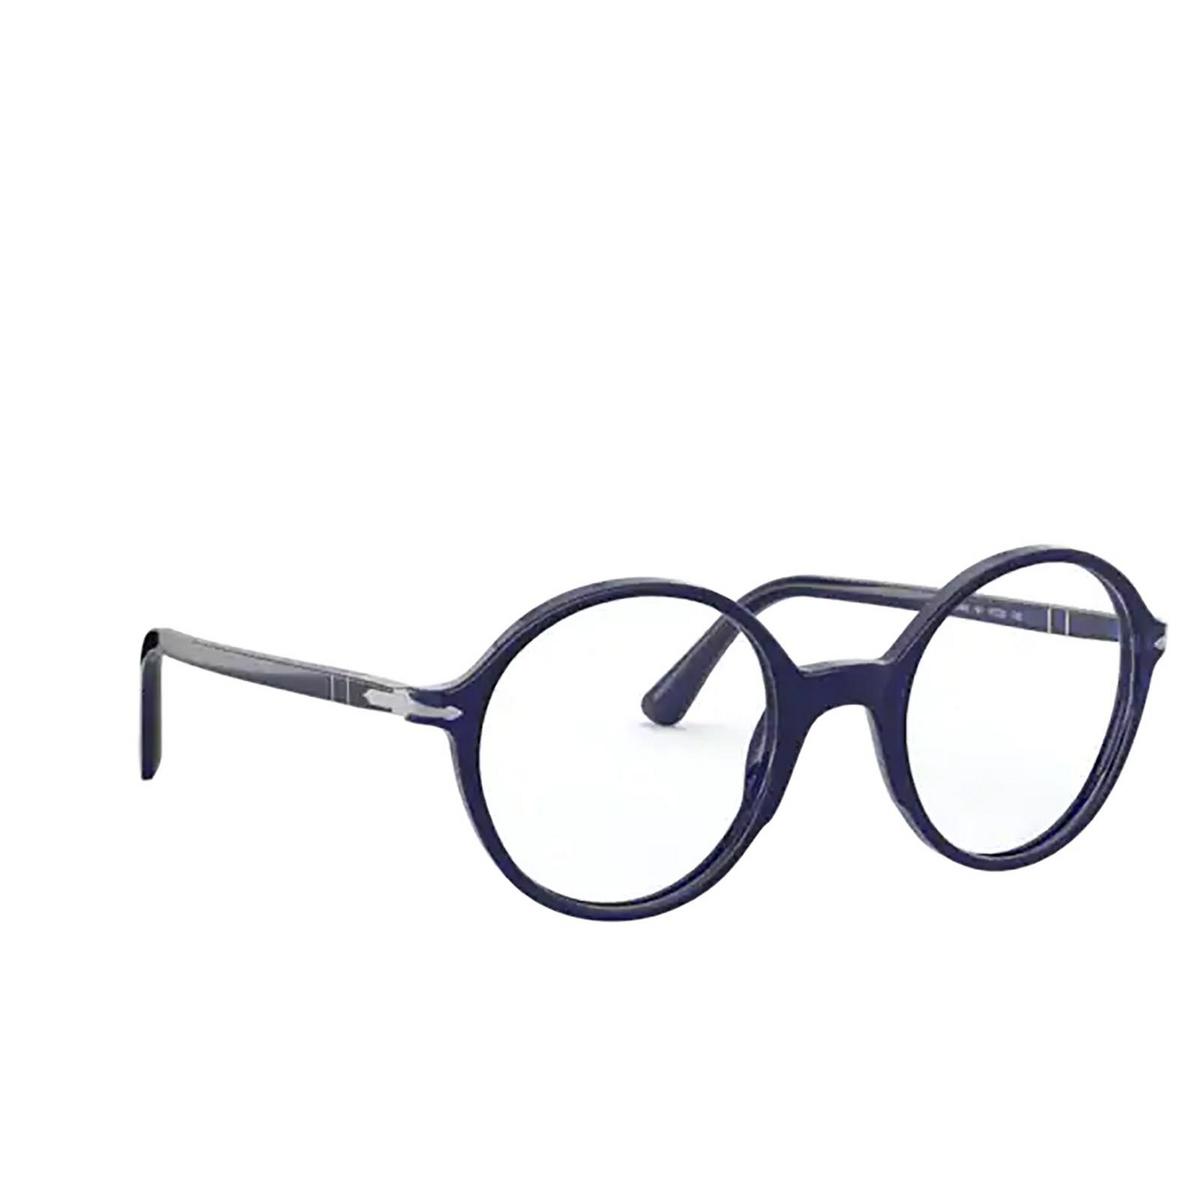 Persol® Round Eyeglasses: PO3249V color Cobalto 181 - three-quarters view.